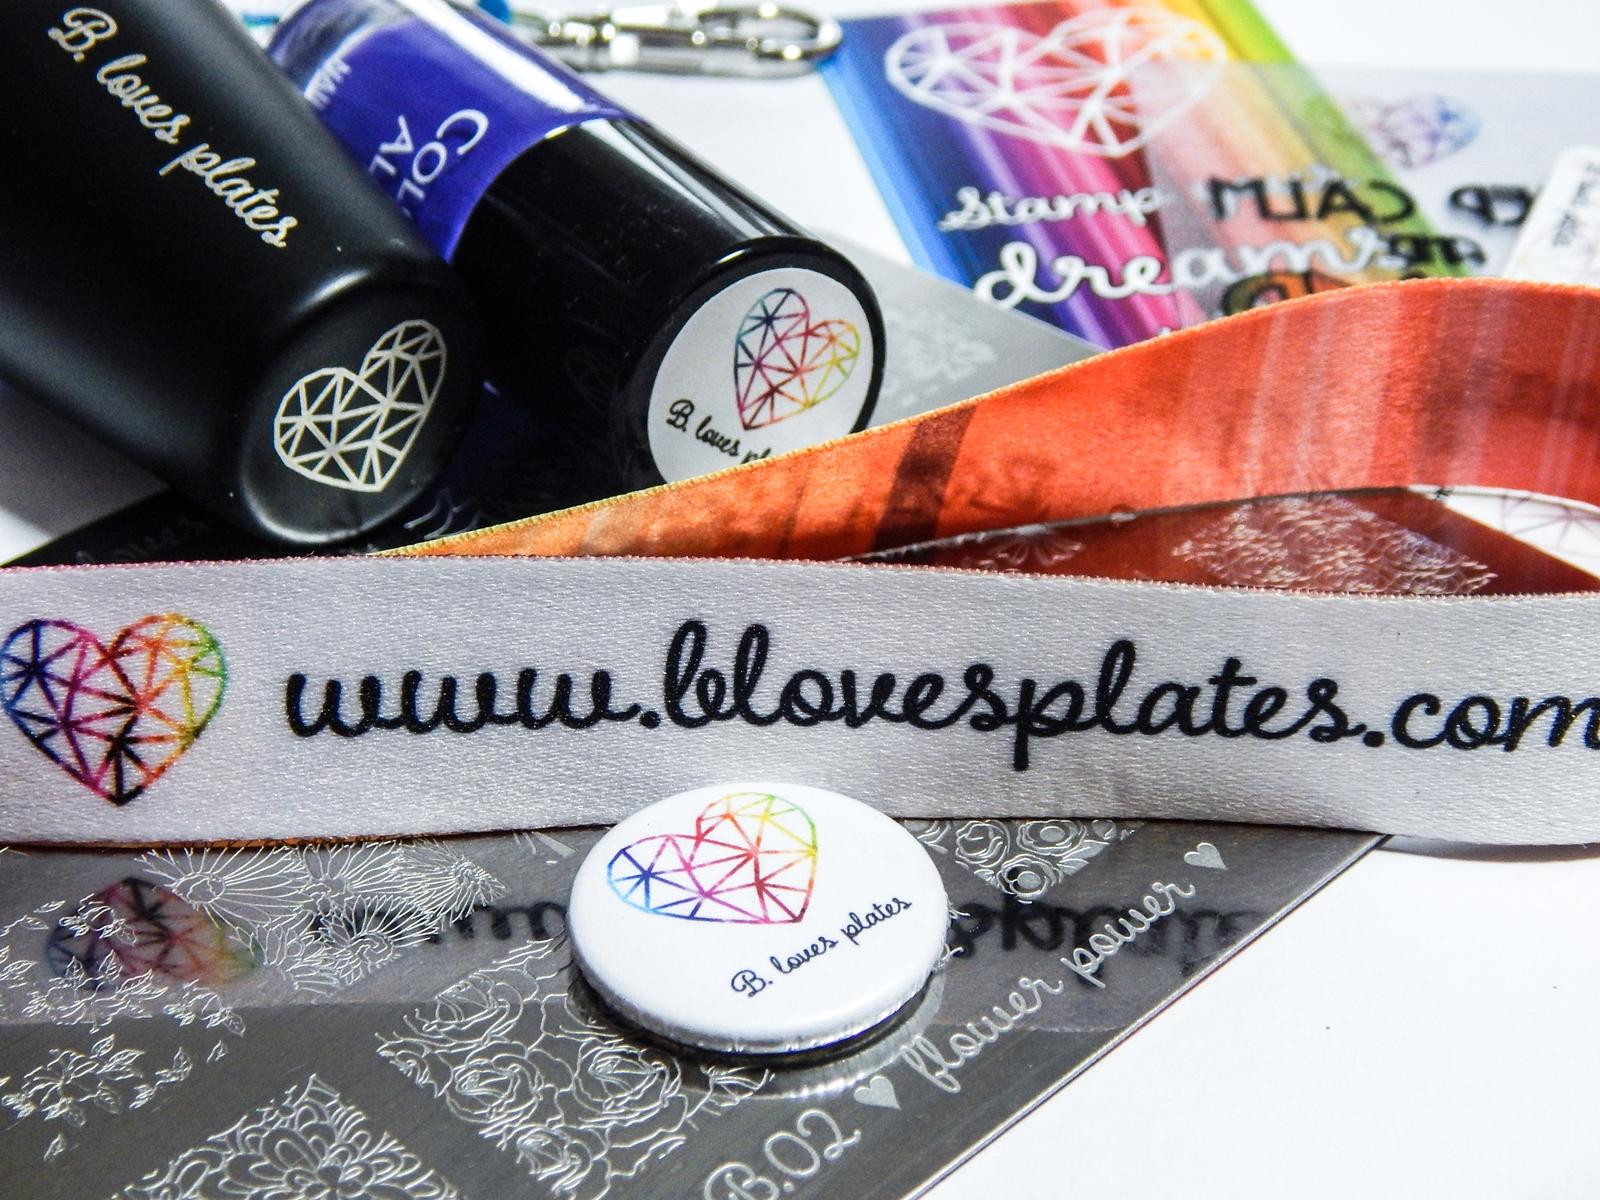 _1 nagłówek stemplowanie paznokci jak stemplować paznokcie produkty płytki lakiery do stemplowania b loves plates